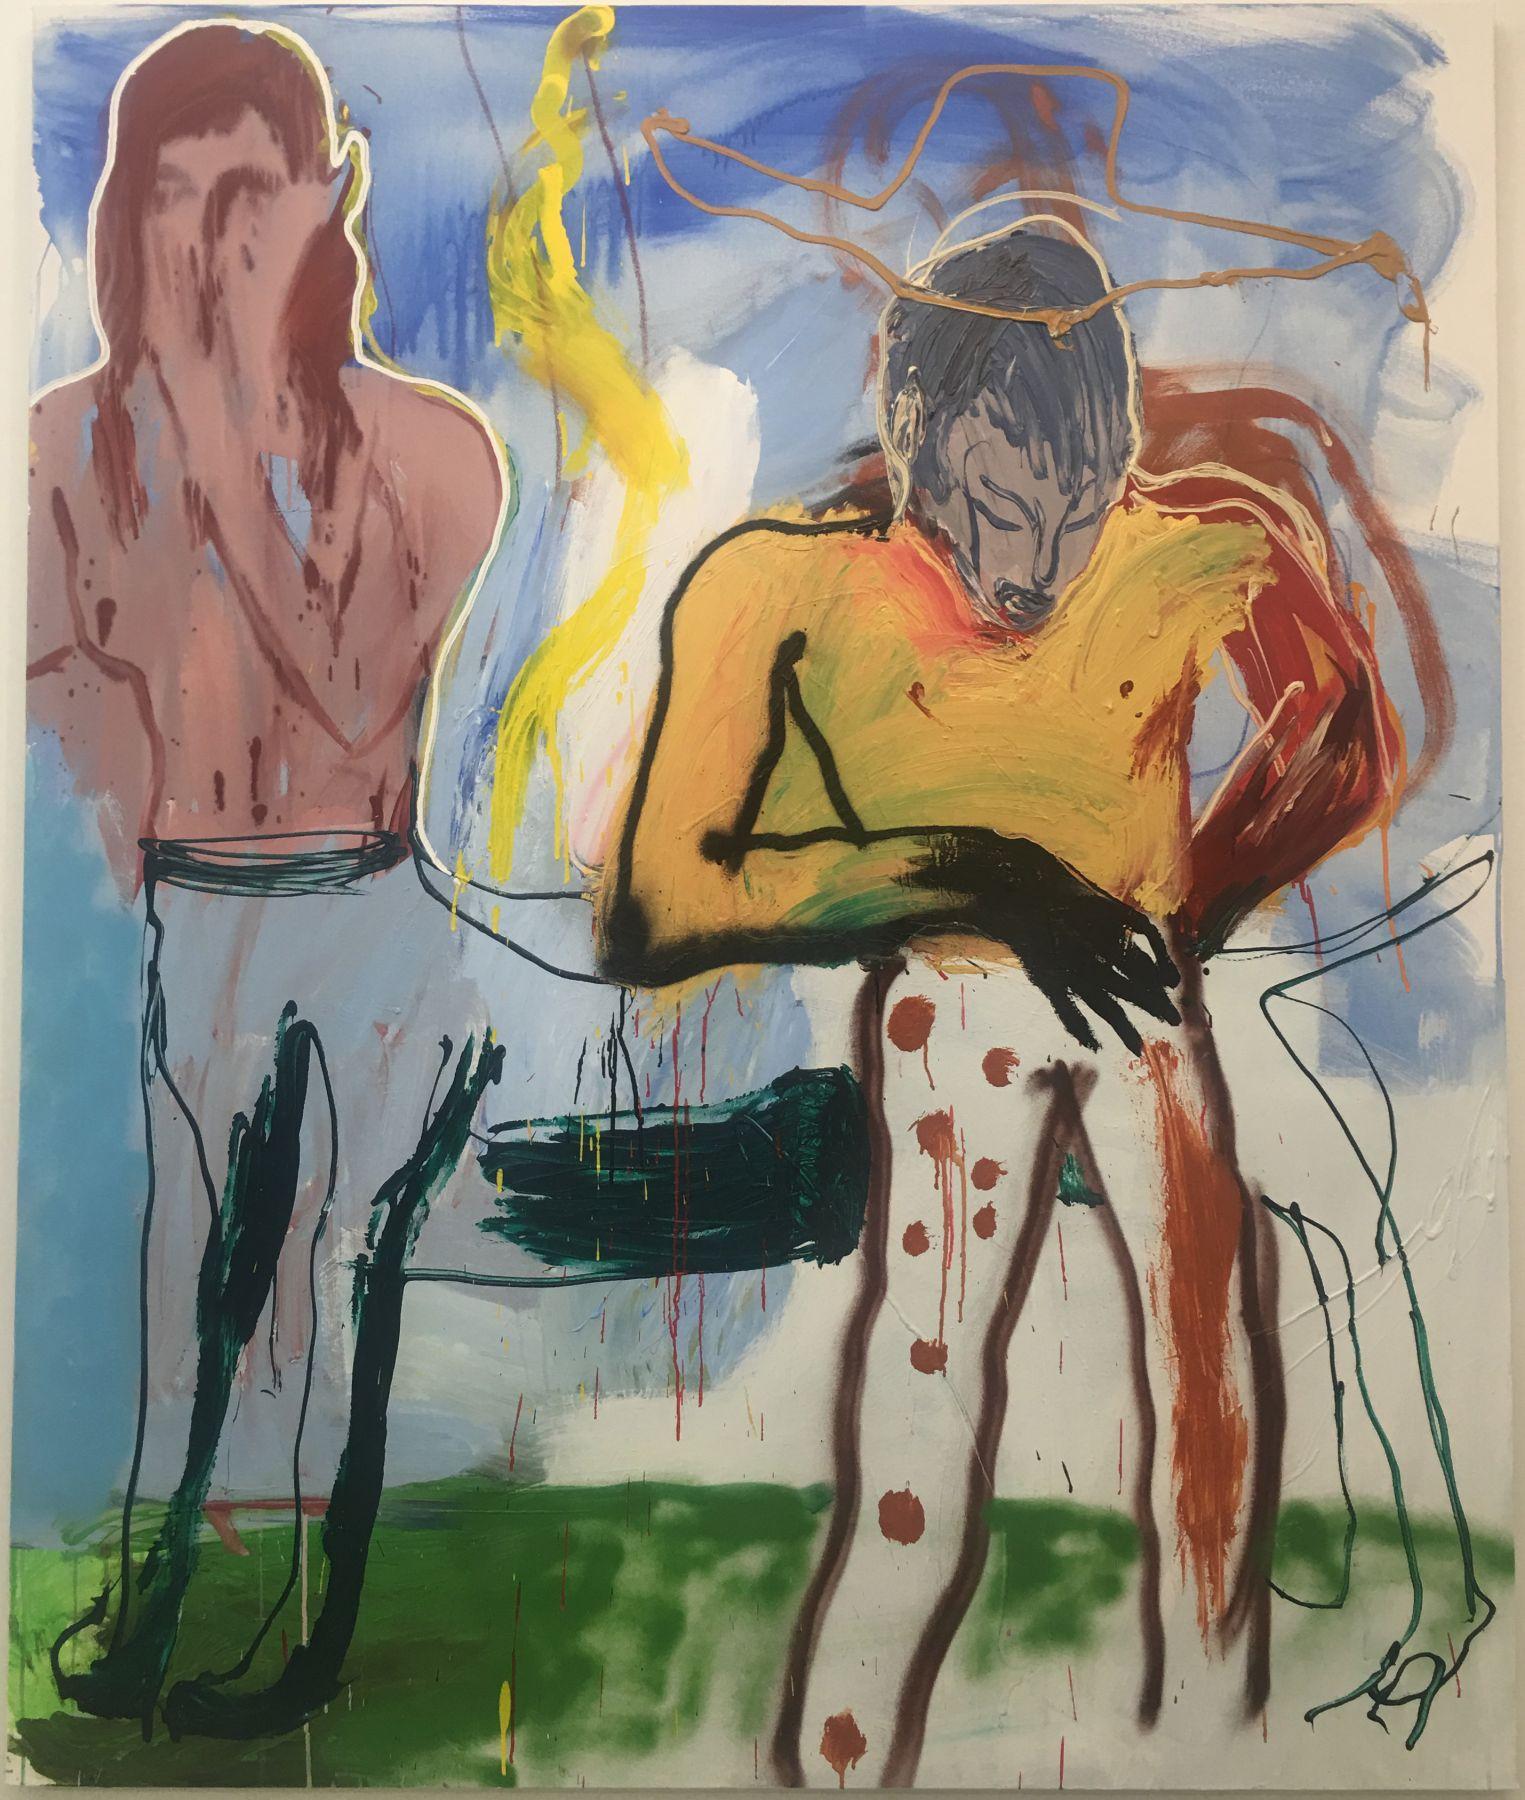 The Centaur, 2019, Acrylic on canvas